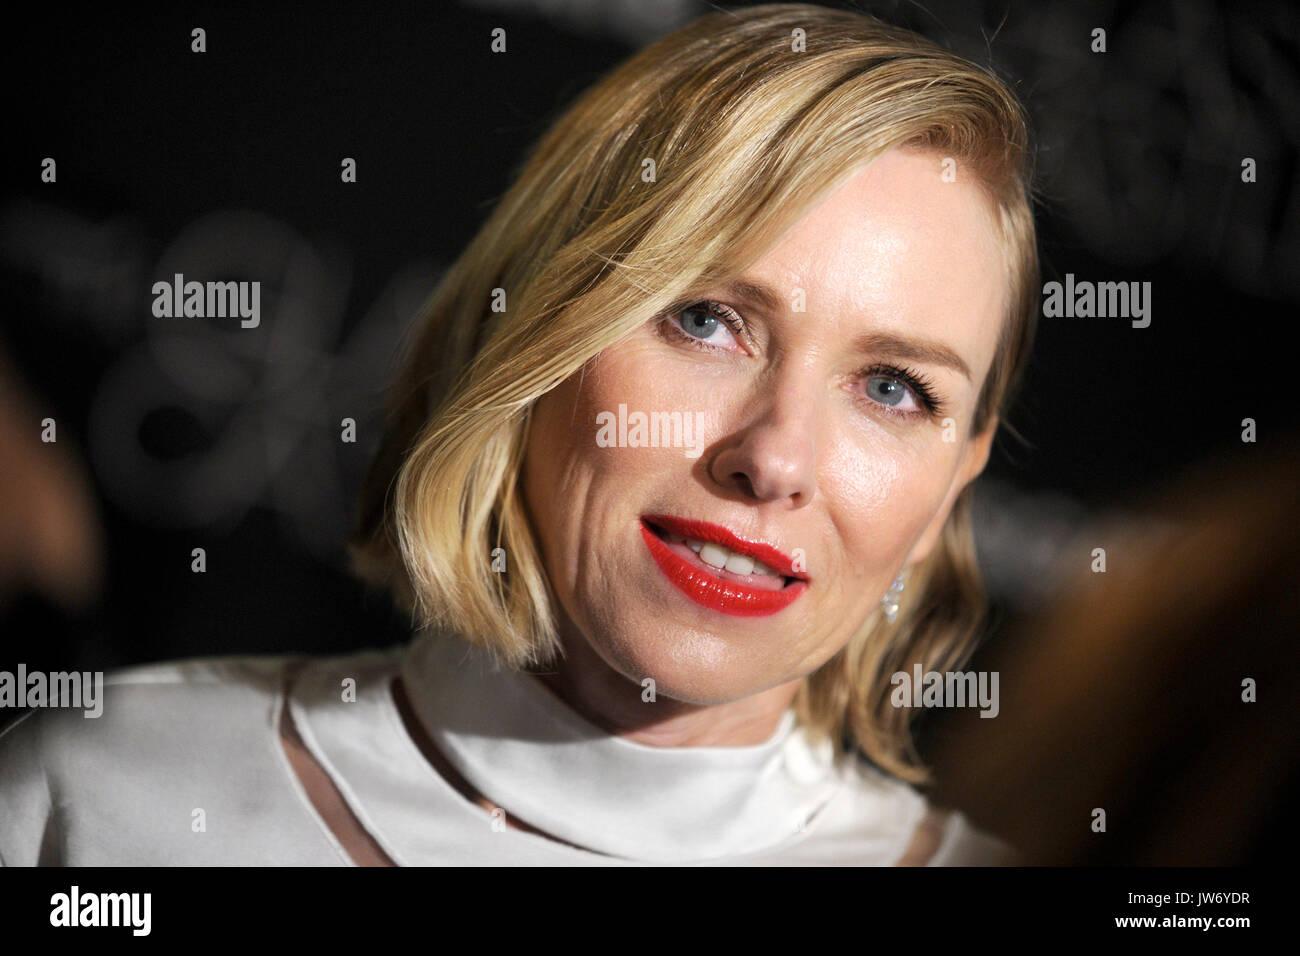 """Naomi Watts participa de """"o castelo de vidro"""" new york screening no sva theater em agosto 9, 2017 em Nova York. Imagens de Stock"""